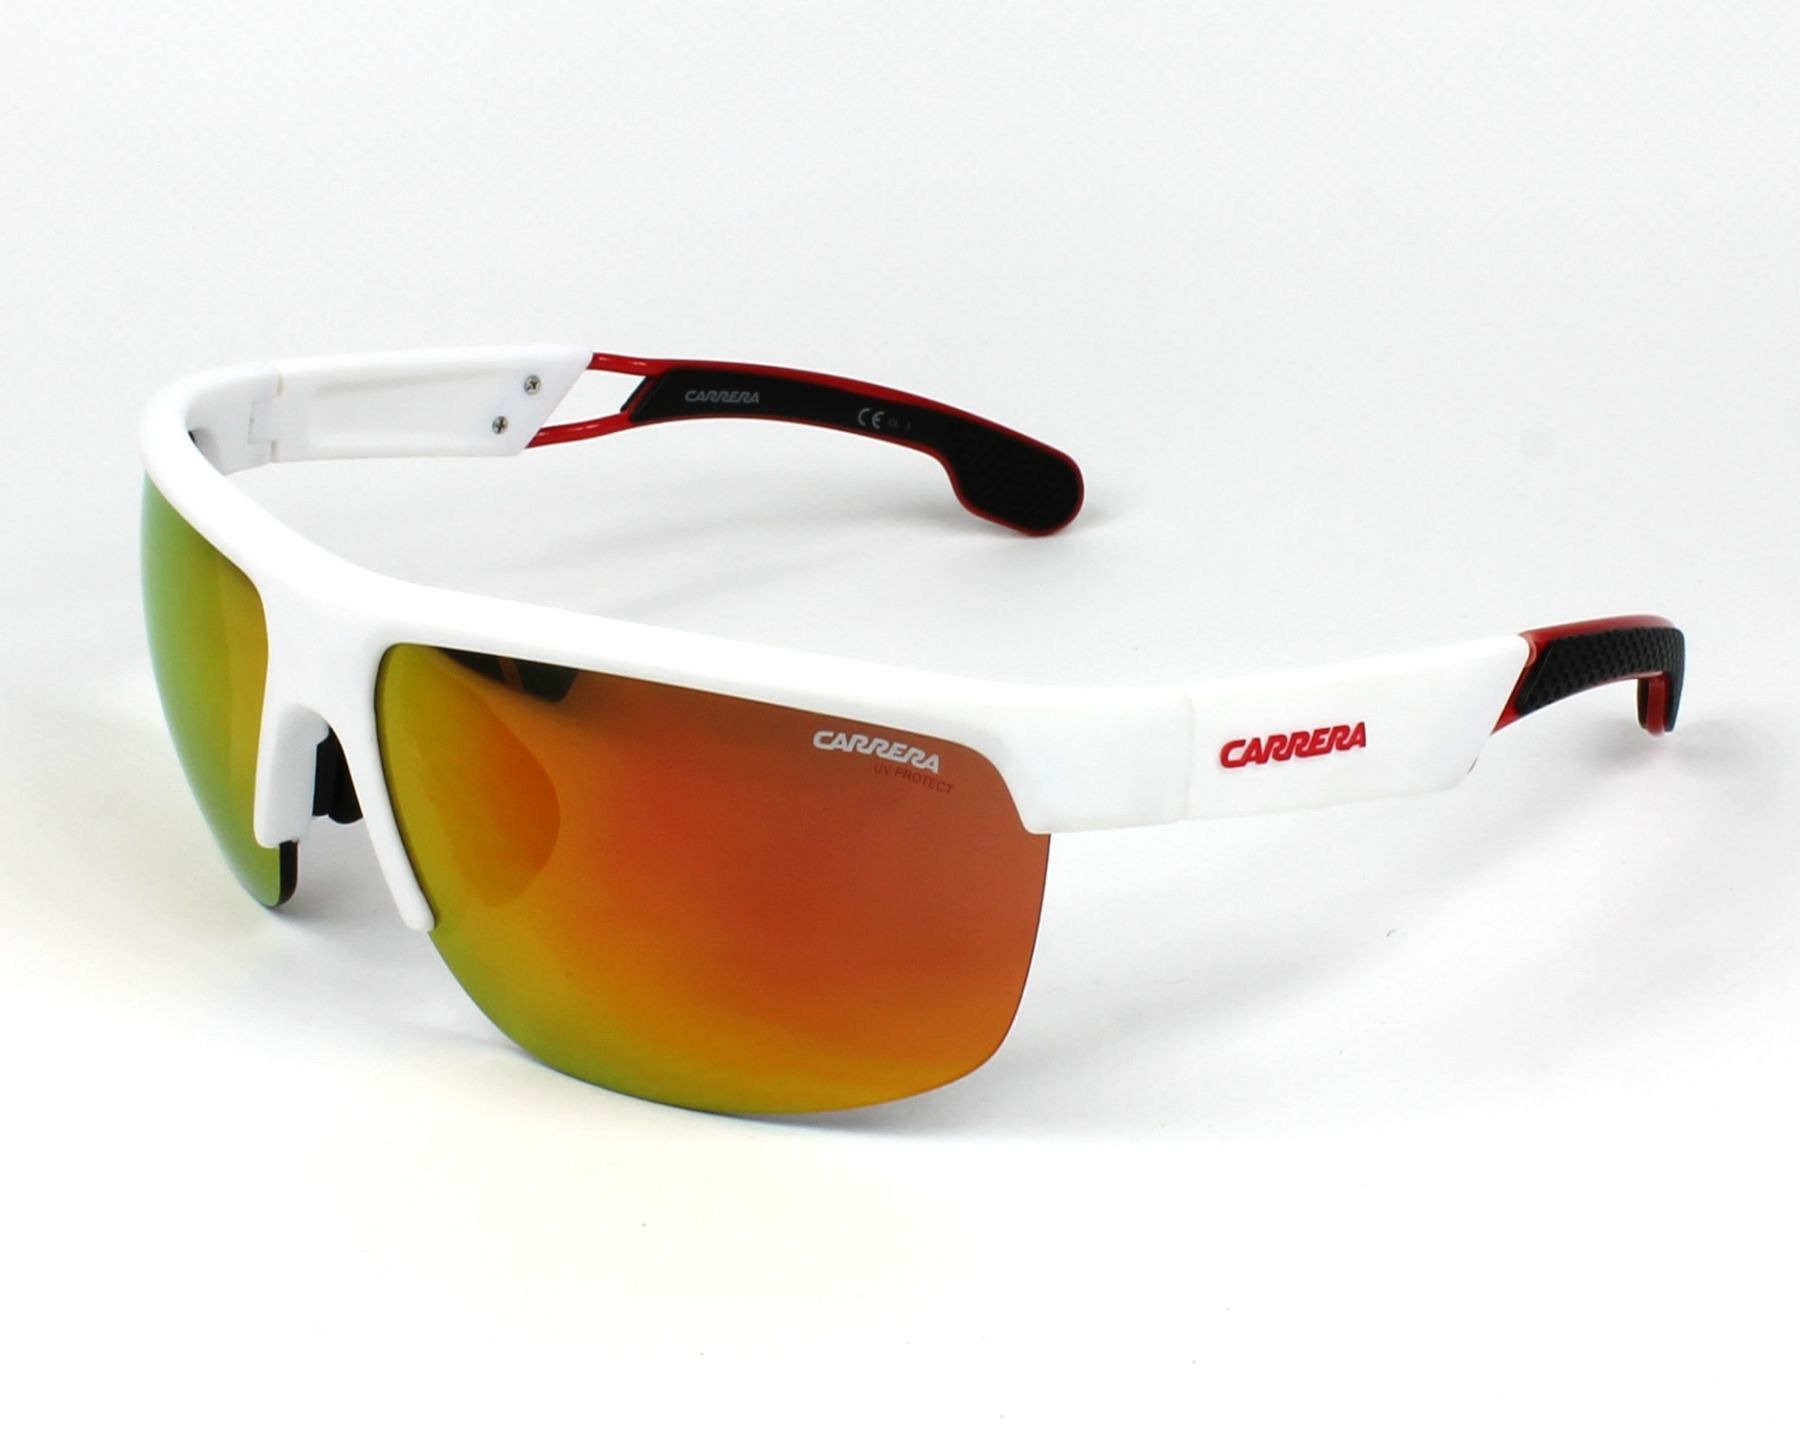 Carrera 4005/s 4nl/sw 65 Mm/16 Mm 80j0xZ8F